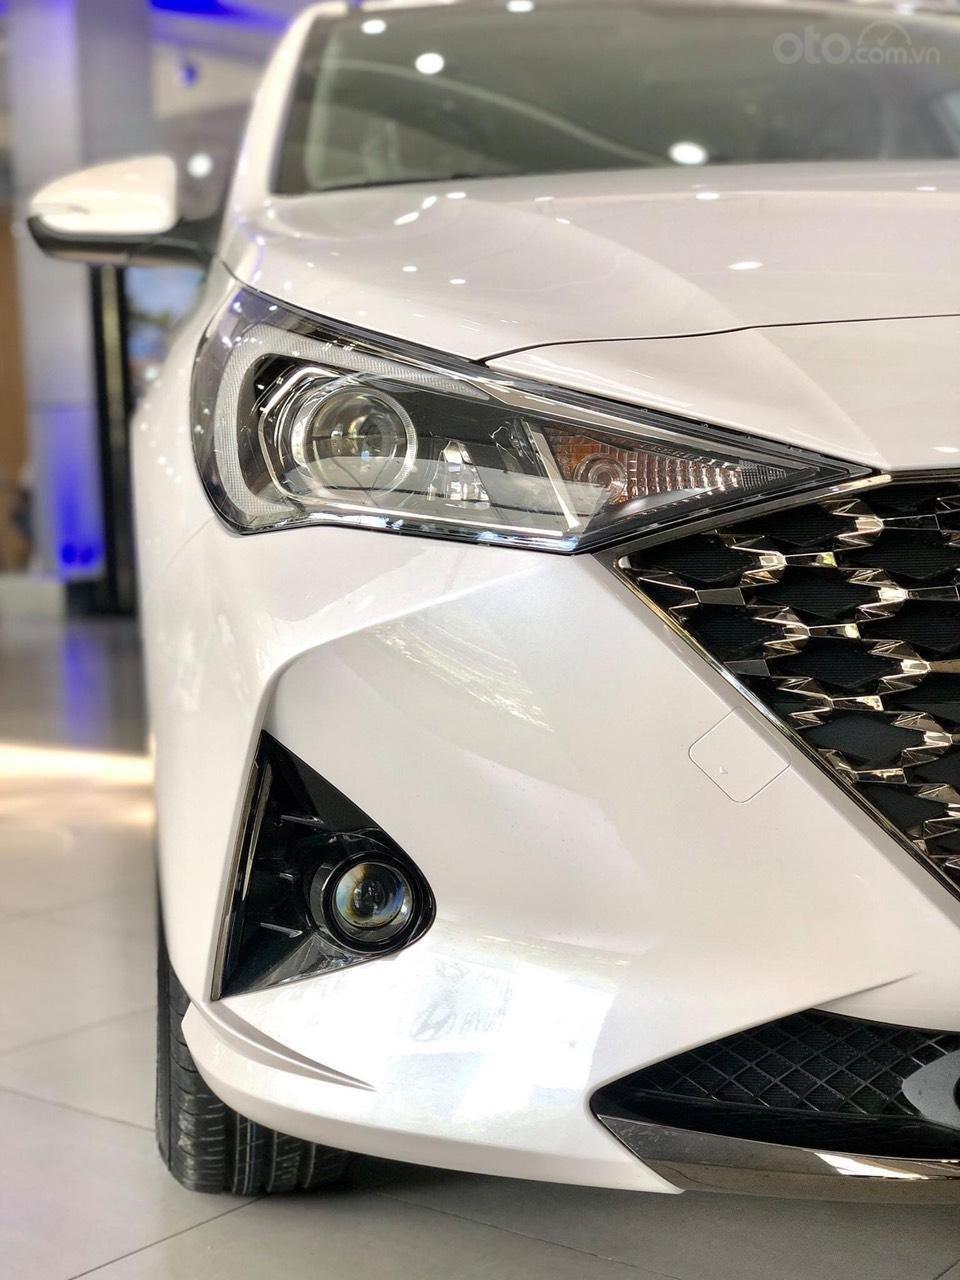 {Hyundai Miền Nam} Hyundai Accent 2021 có sẵn đủ màu tặng phụ kiện: Combo 7 món phụ kiện chính hãng (5)